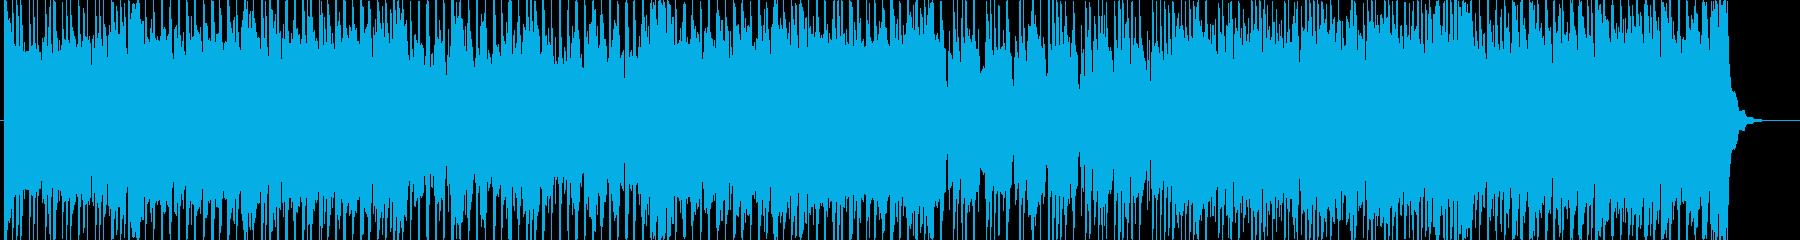 ヘヴィロック アクション バックグ...の再生済みの波形